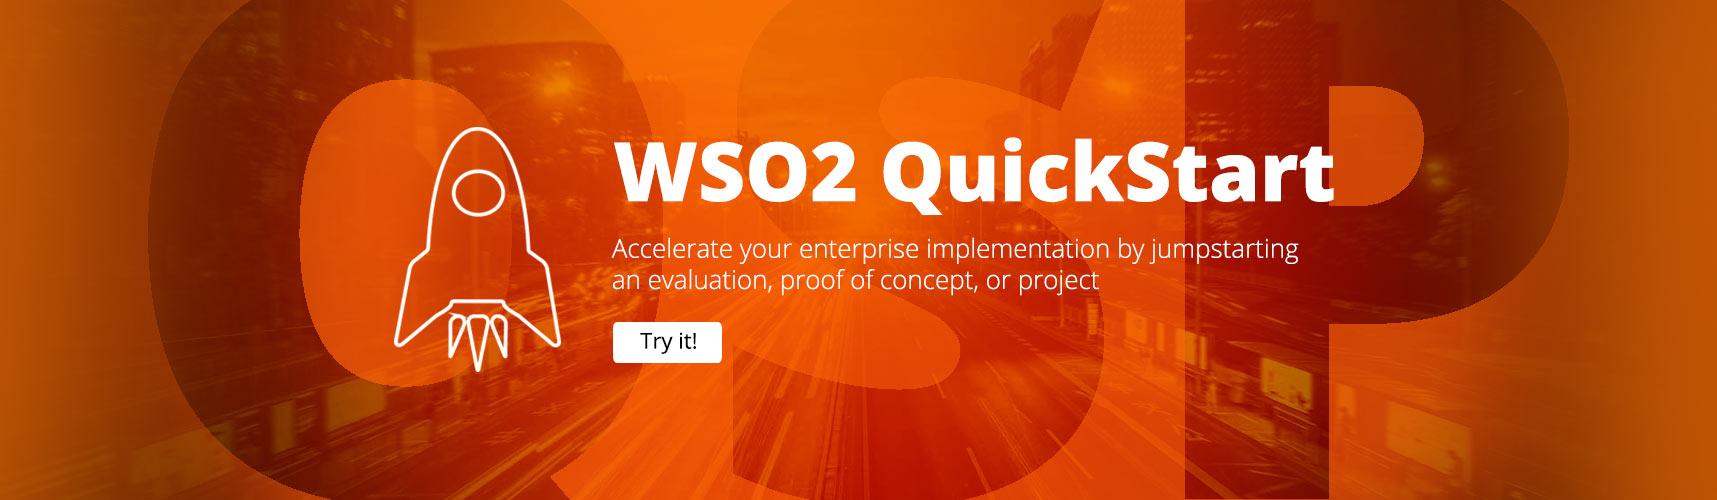 WSO2 QuickStart